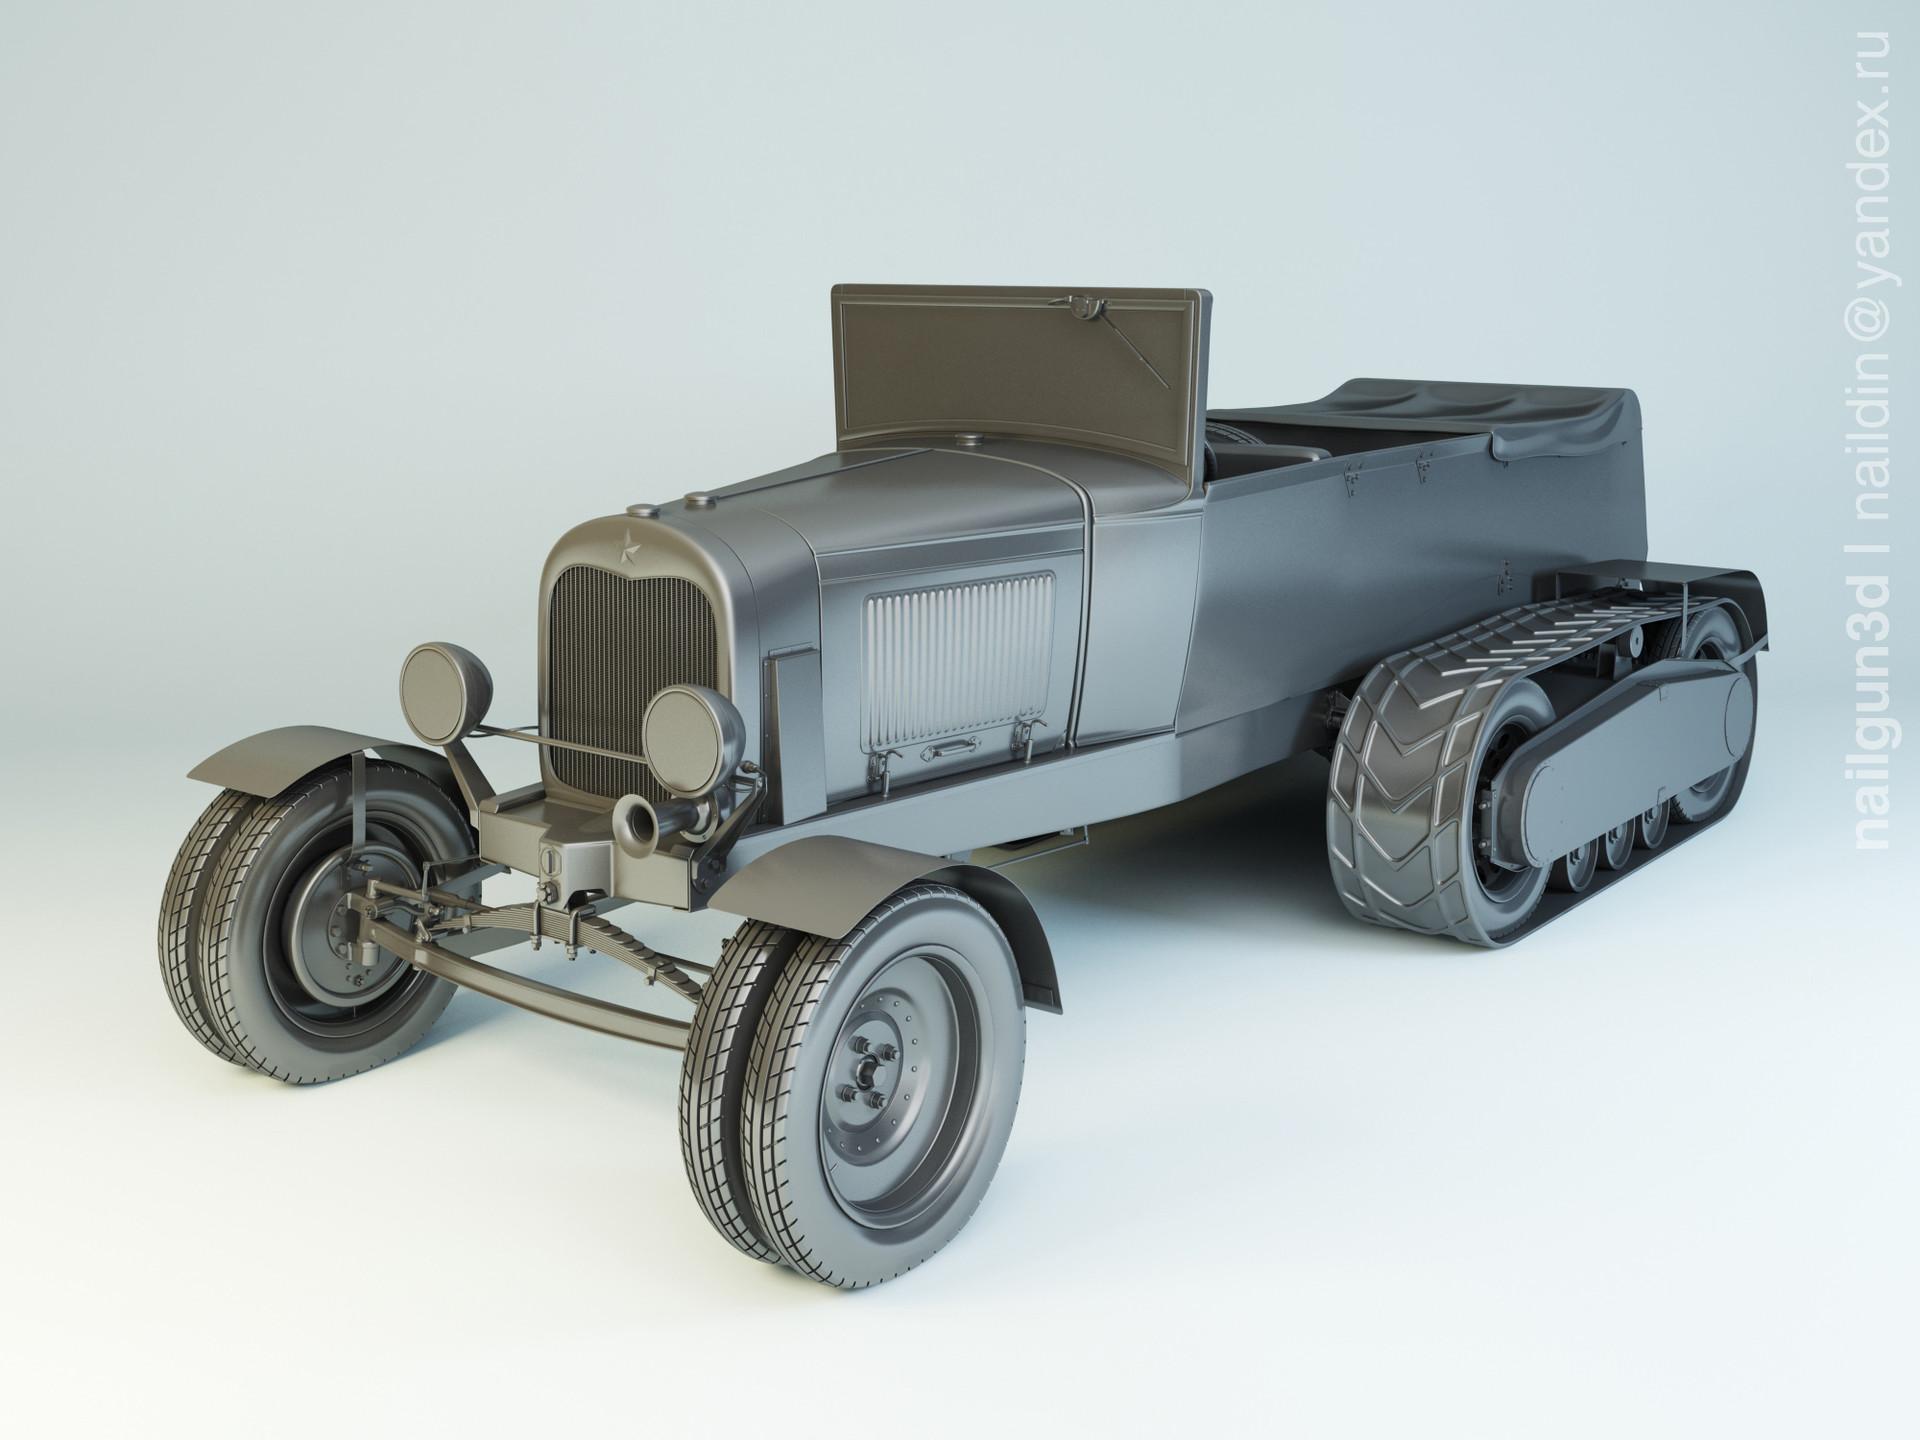 Nail khusnutdinov als 233 001 ford nati 2 modelling 0